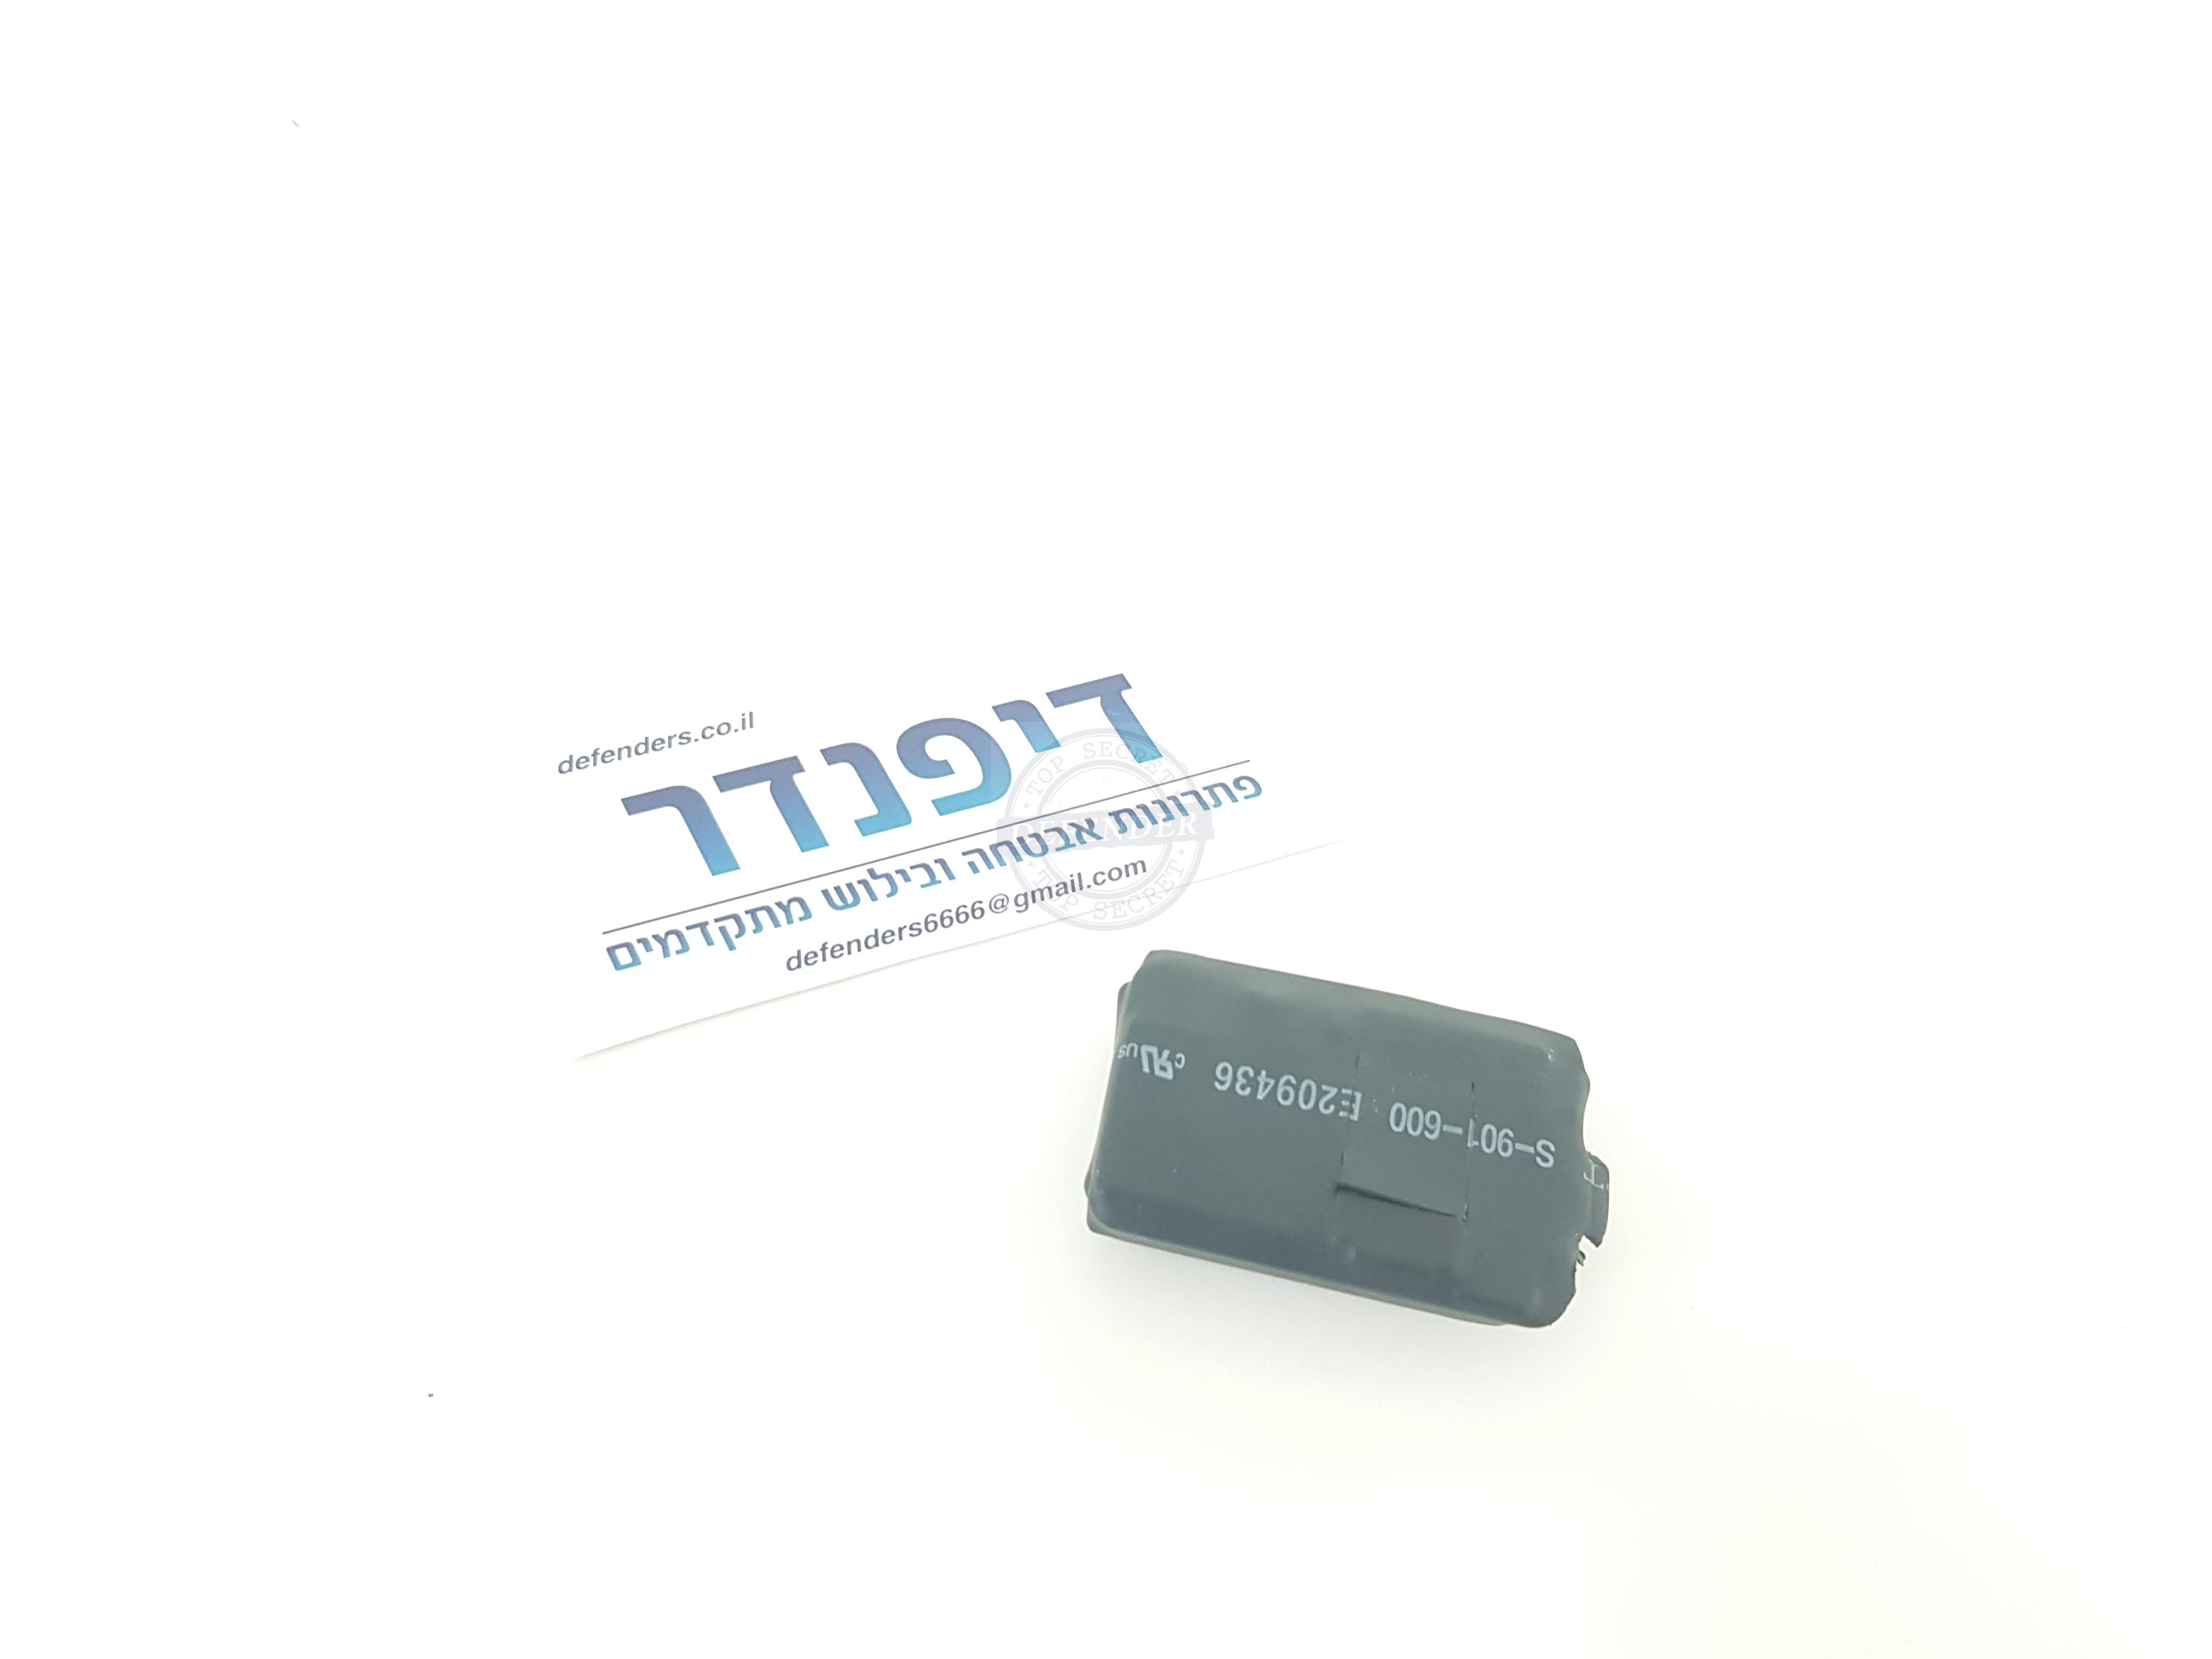 מכשיר מעקב זעיר לרכב דור 3 - 3GT